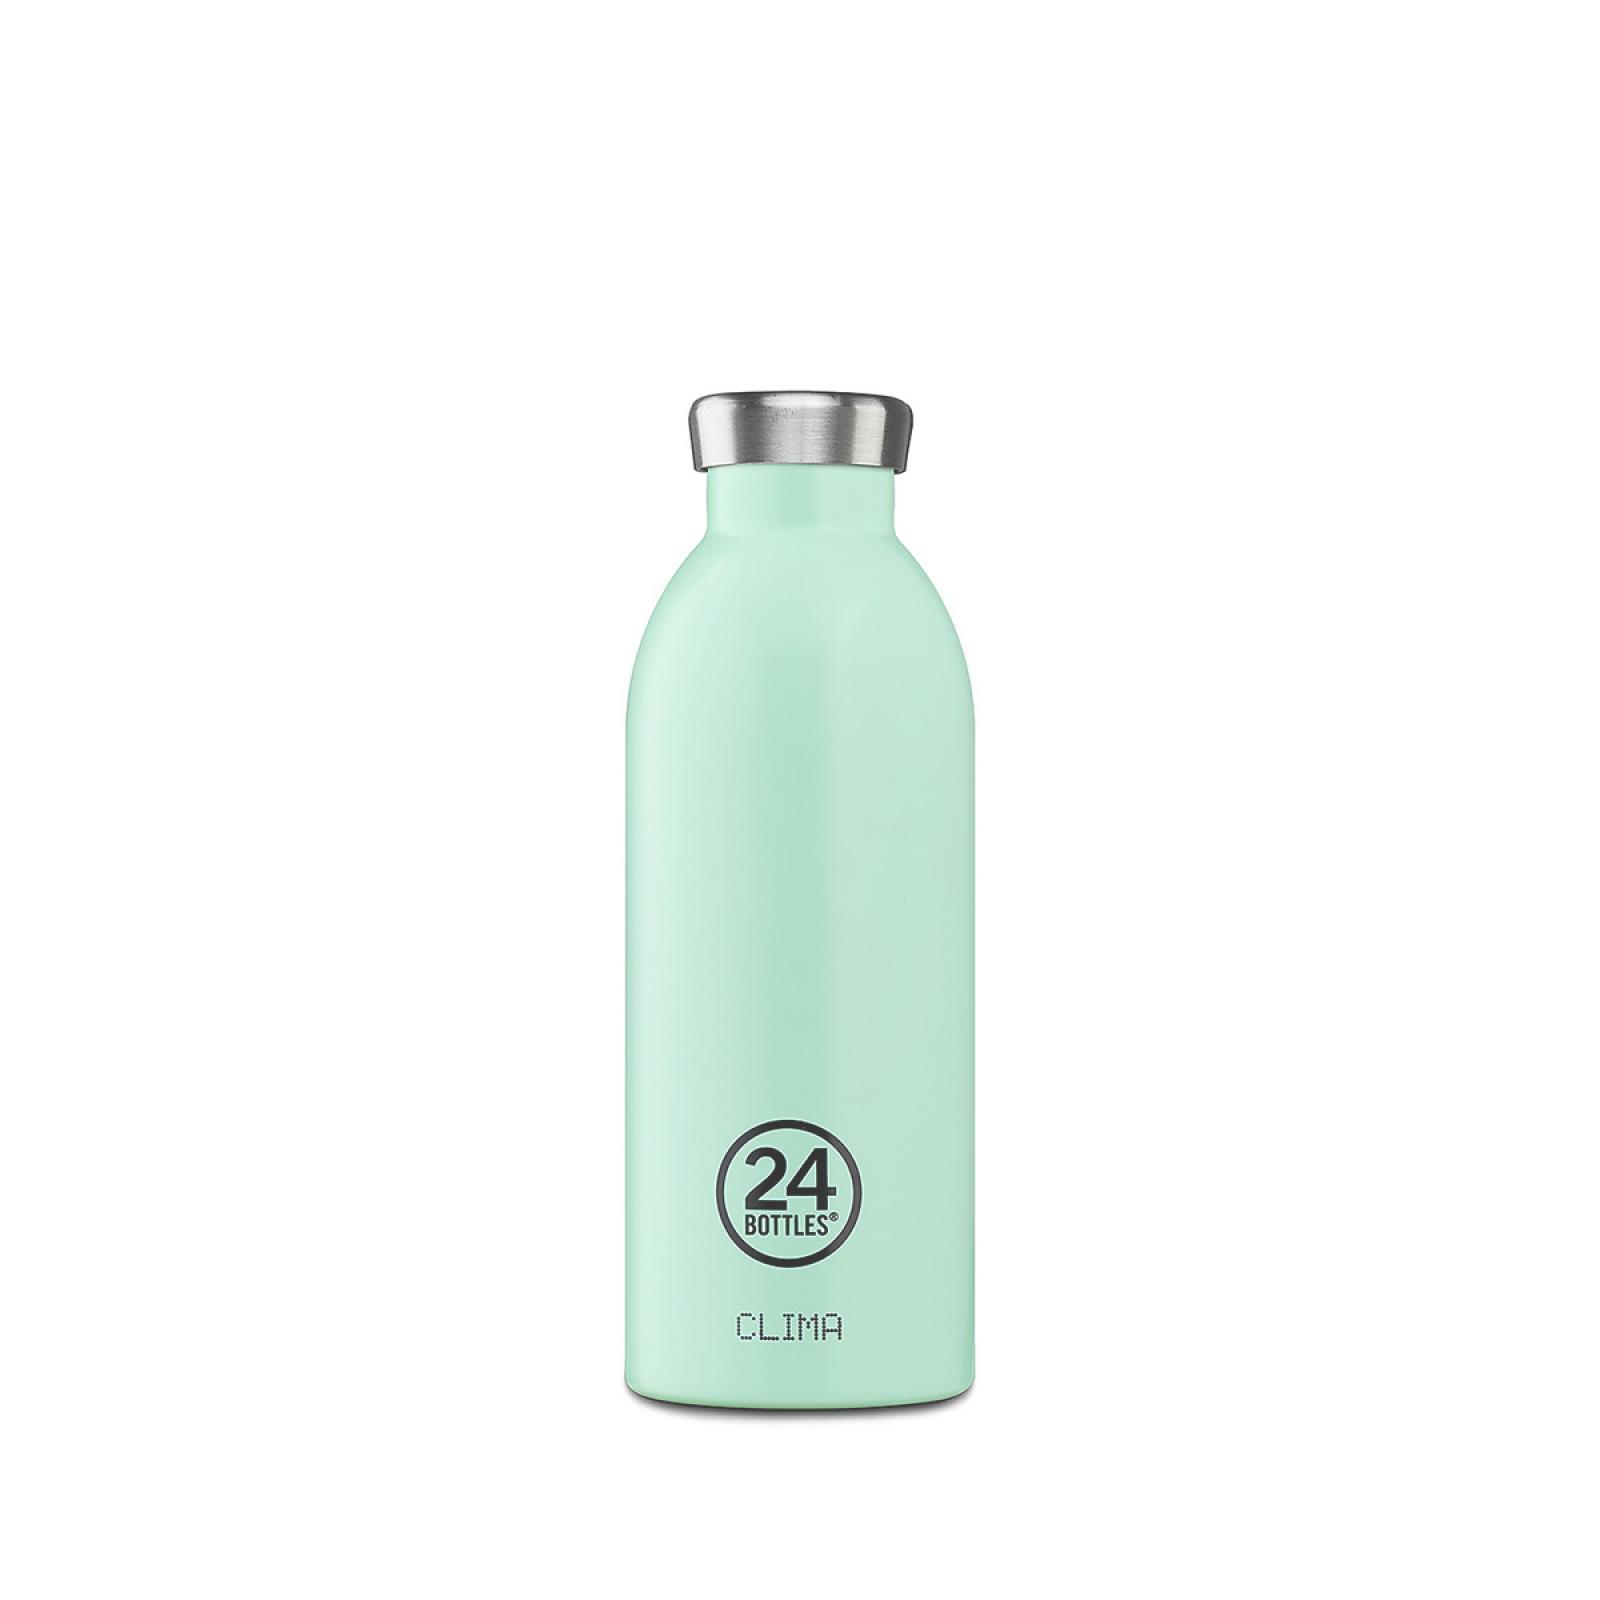 24 Bottles Clima Bottle Acqua Green 500 ml - 1